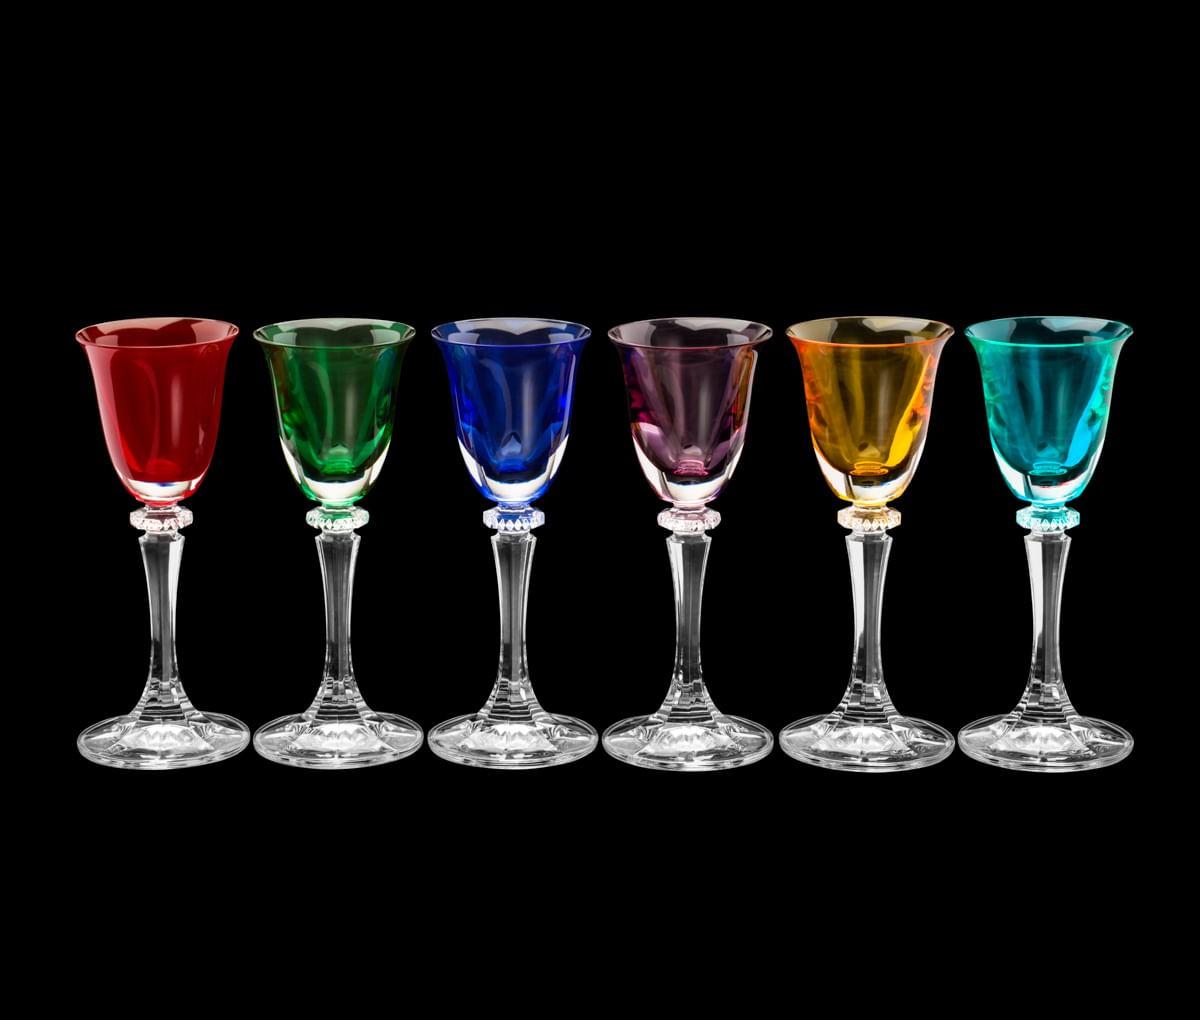 Jogo Taças Cristal Bohemia Coloridas De Licor 50ml (6 Peças)